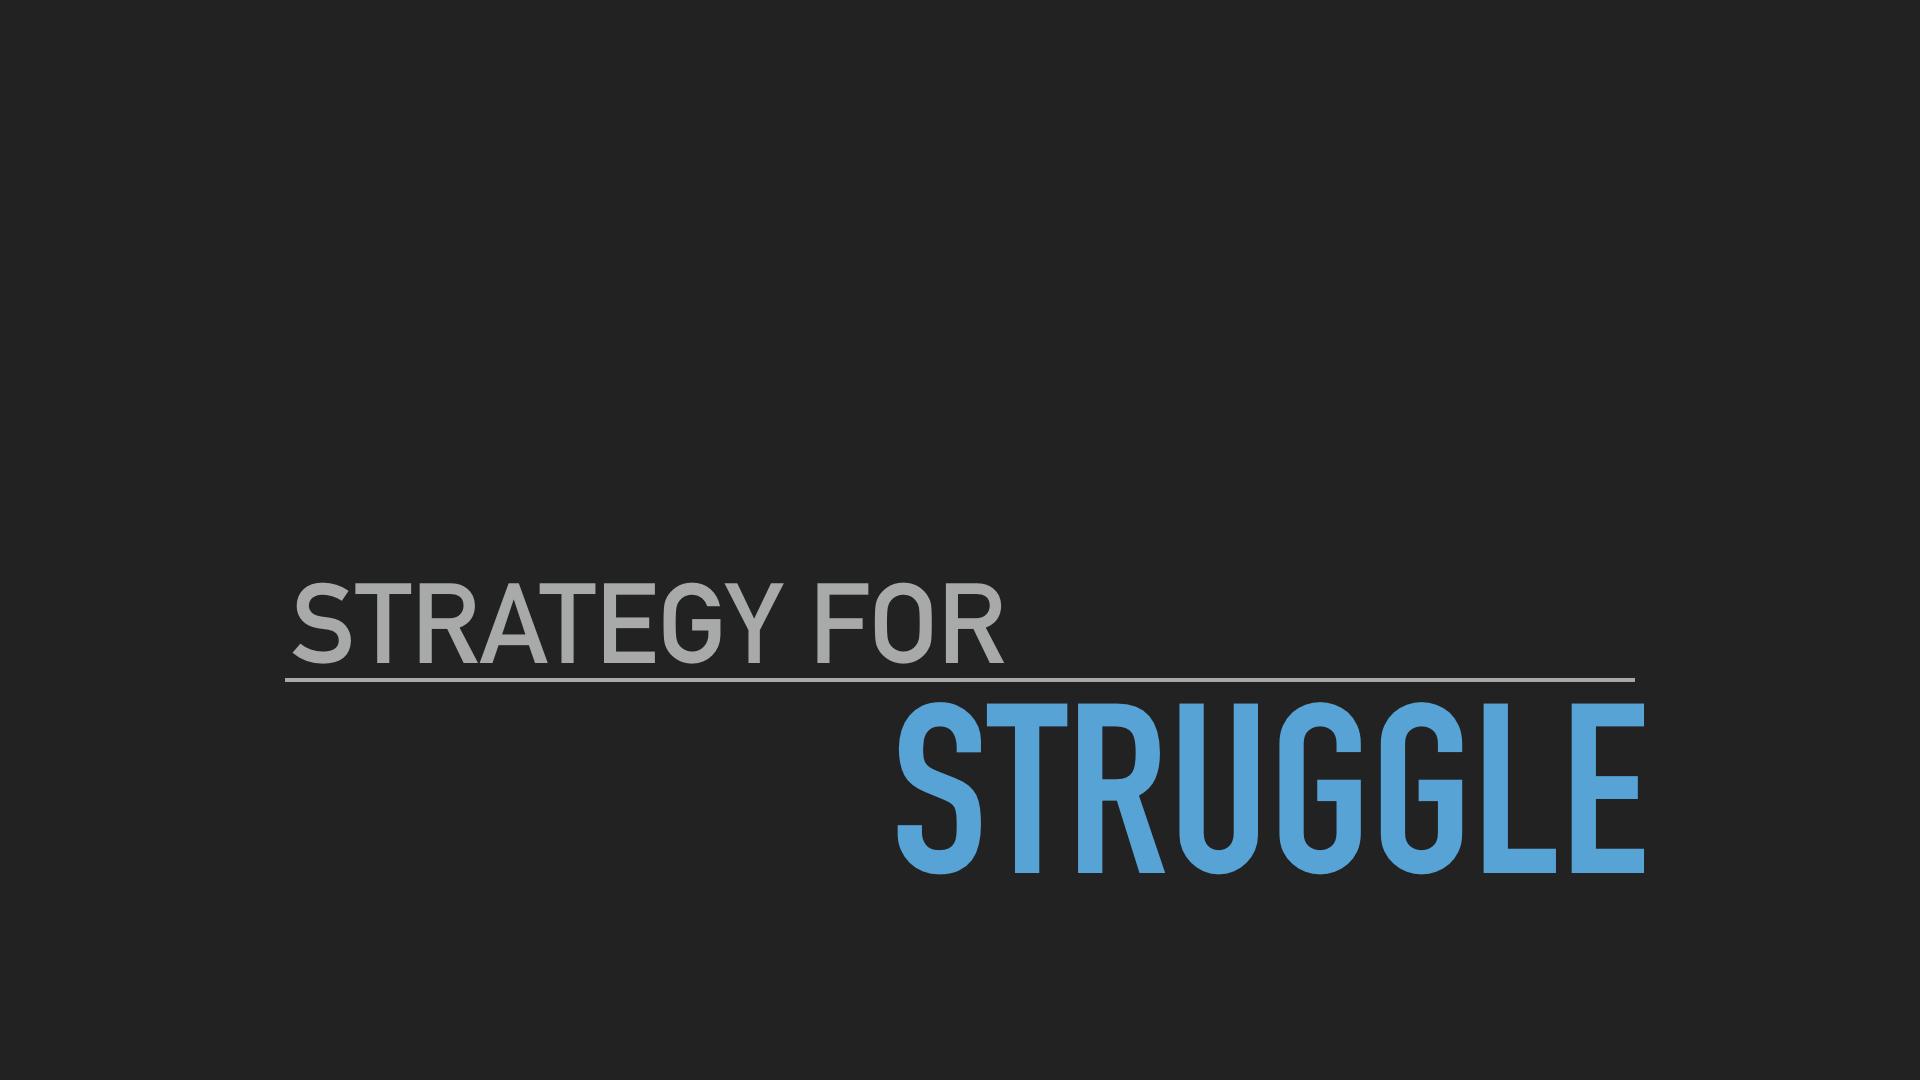 STRATEGY FOR STRUGGLE.001.jpeg